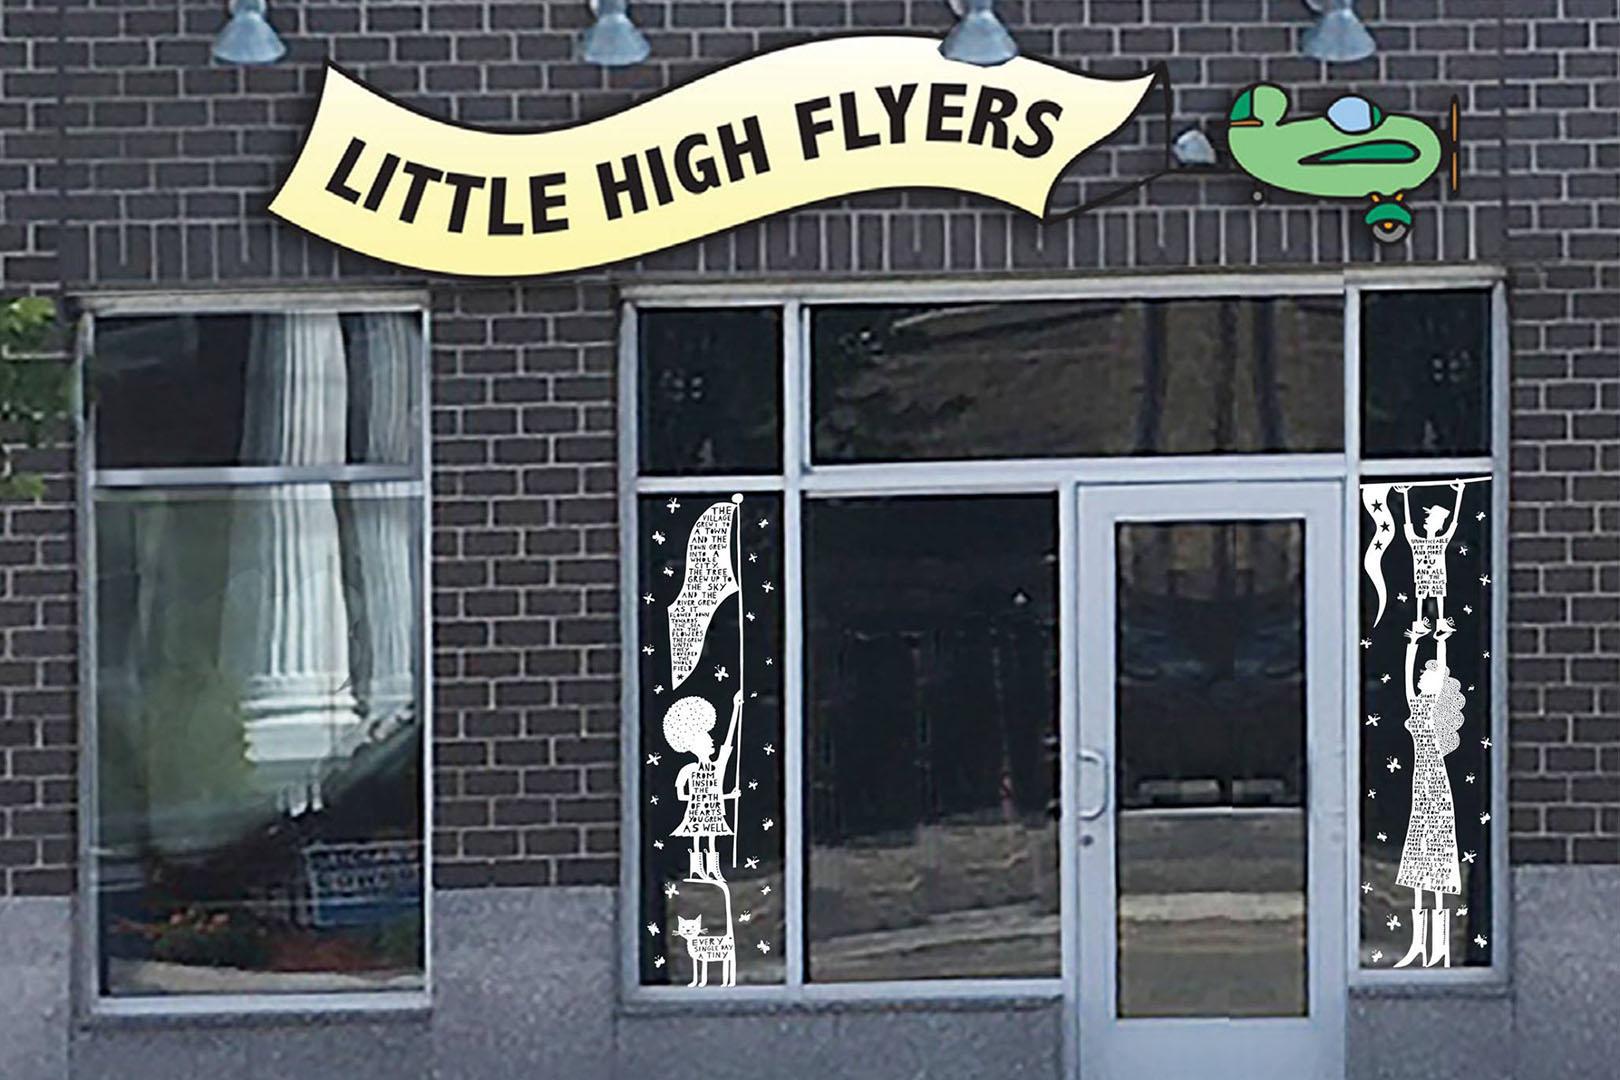 Little High Flyers